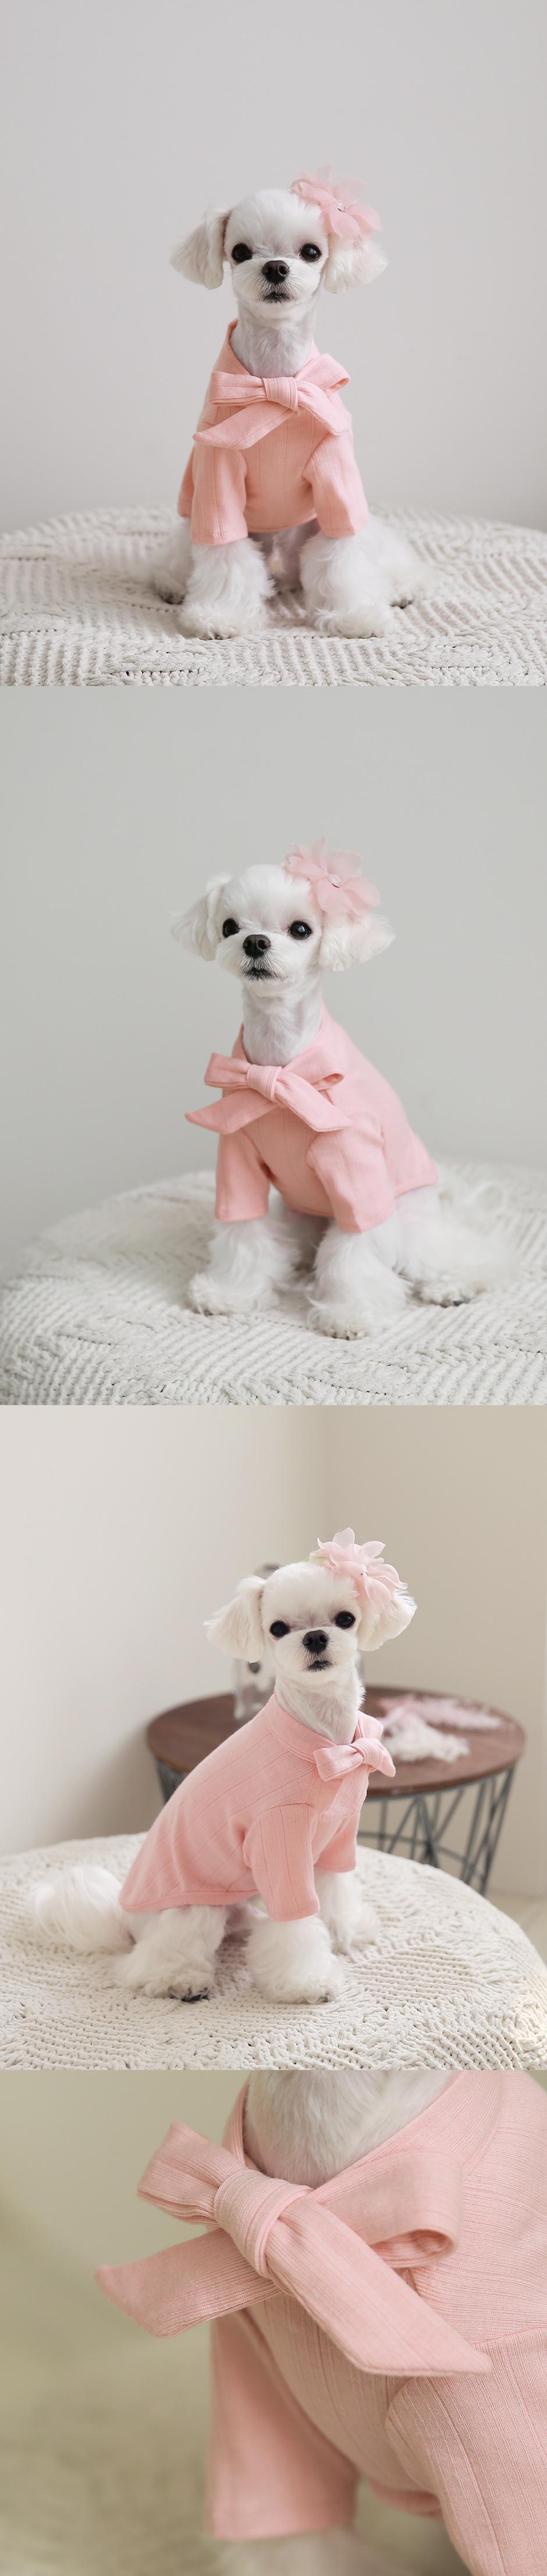 제인니트 핑크 - 토토앤로이, 18,000원, 의류/액세서리, 의류